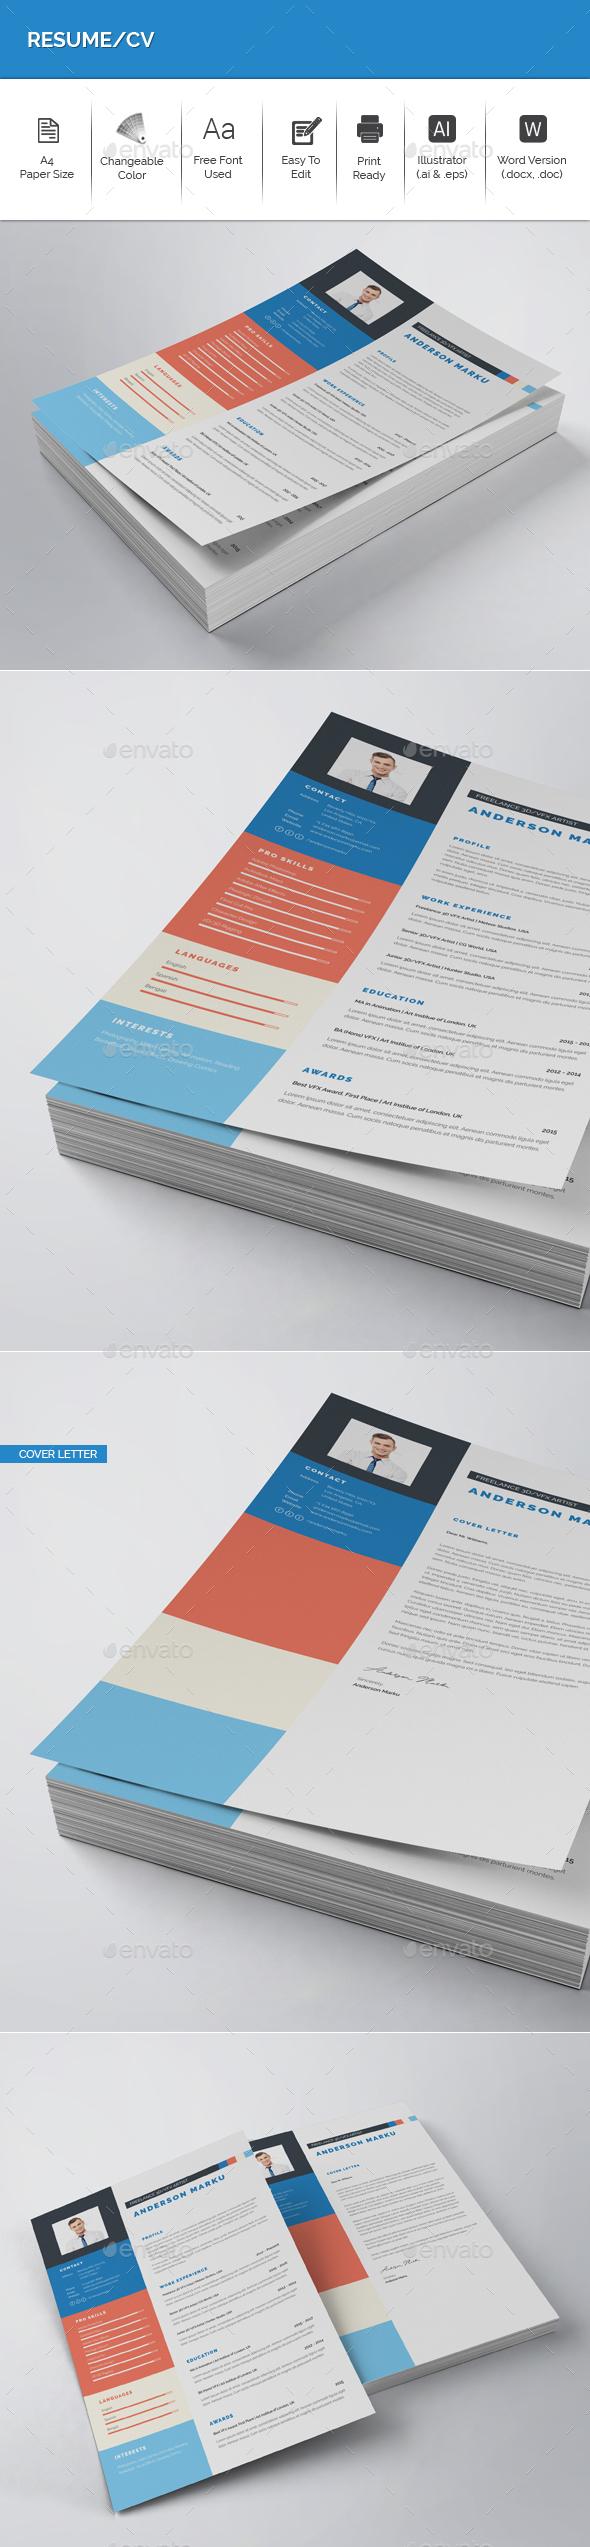 GraphicRiver Resume CV 21018382